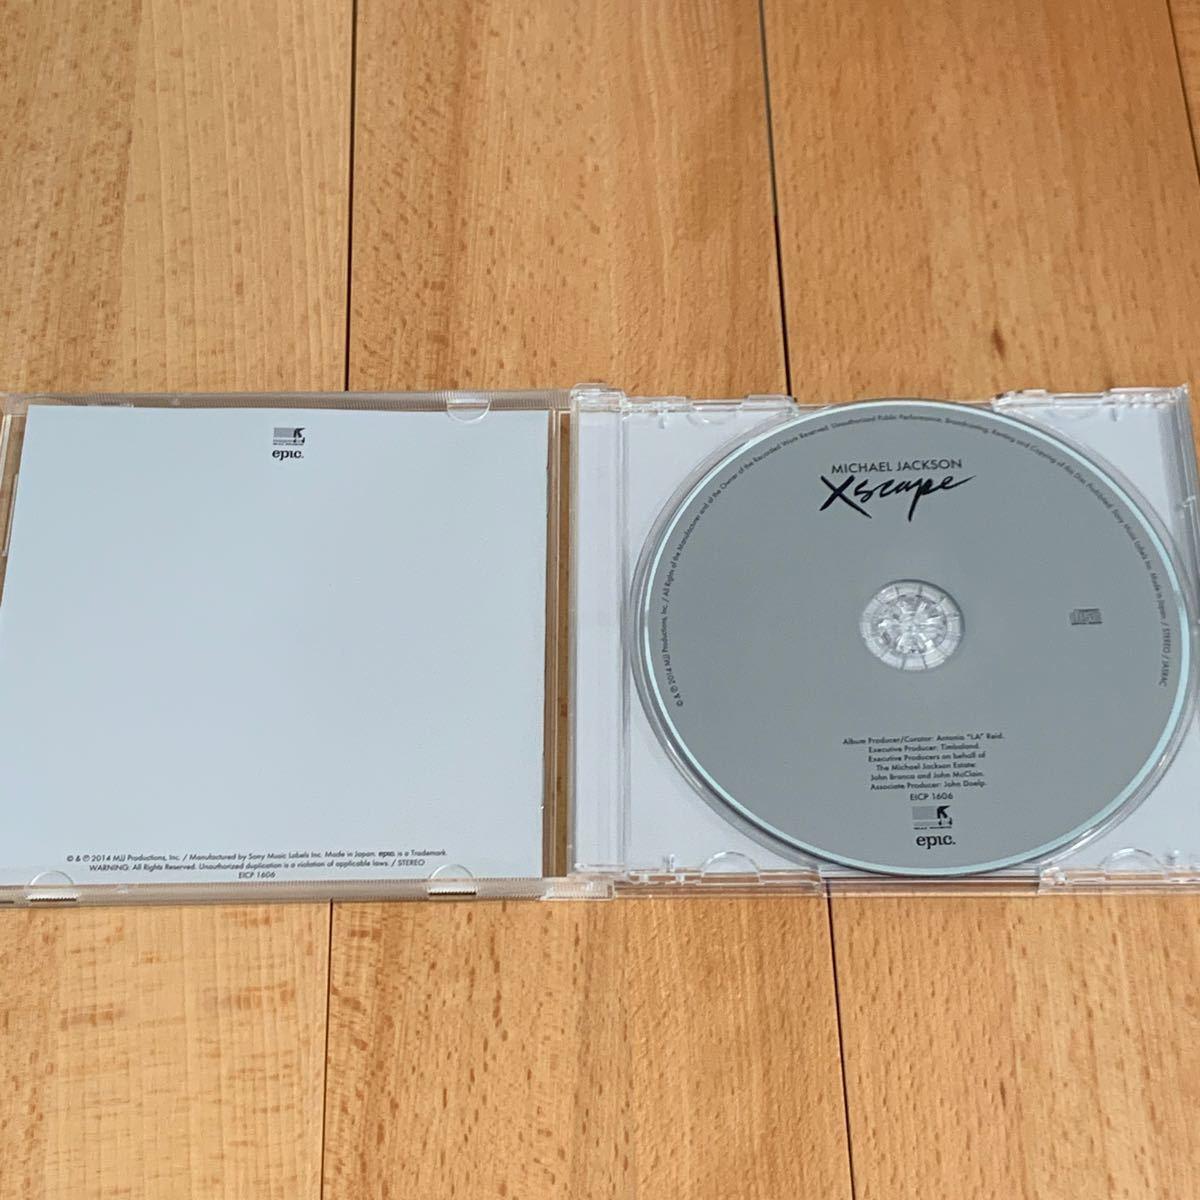 マイケル・ジャクソン / エスケイプ Michael Jackson / XSCAPE